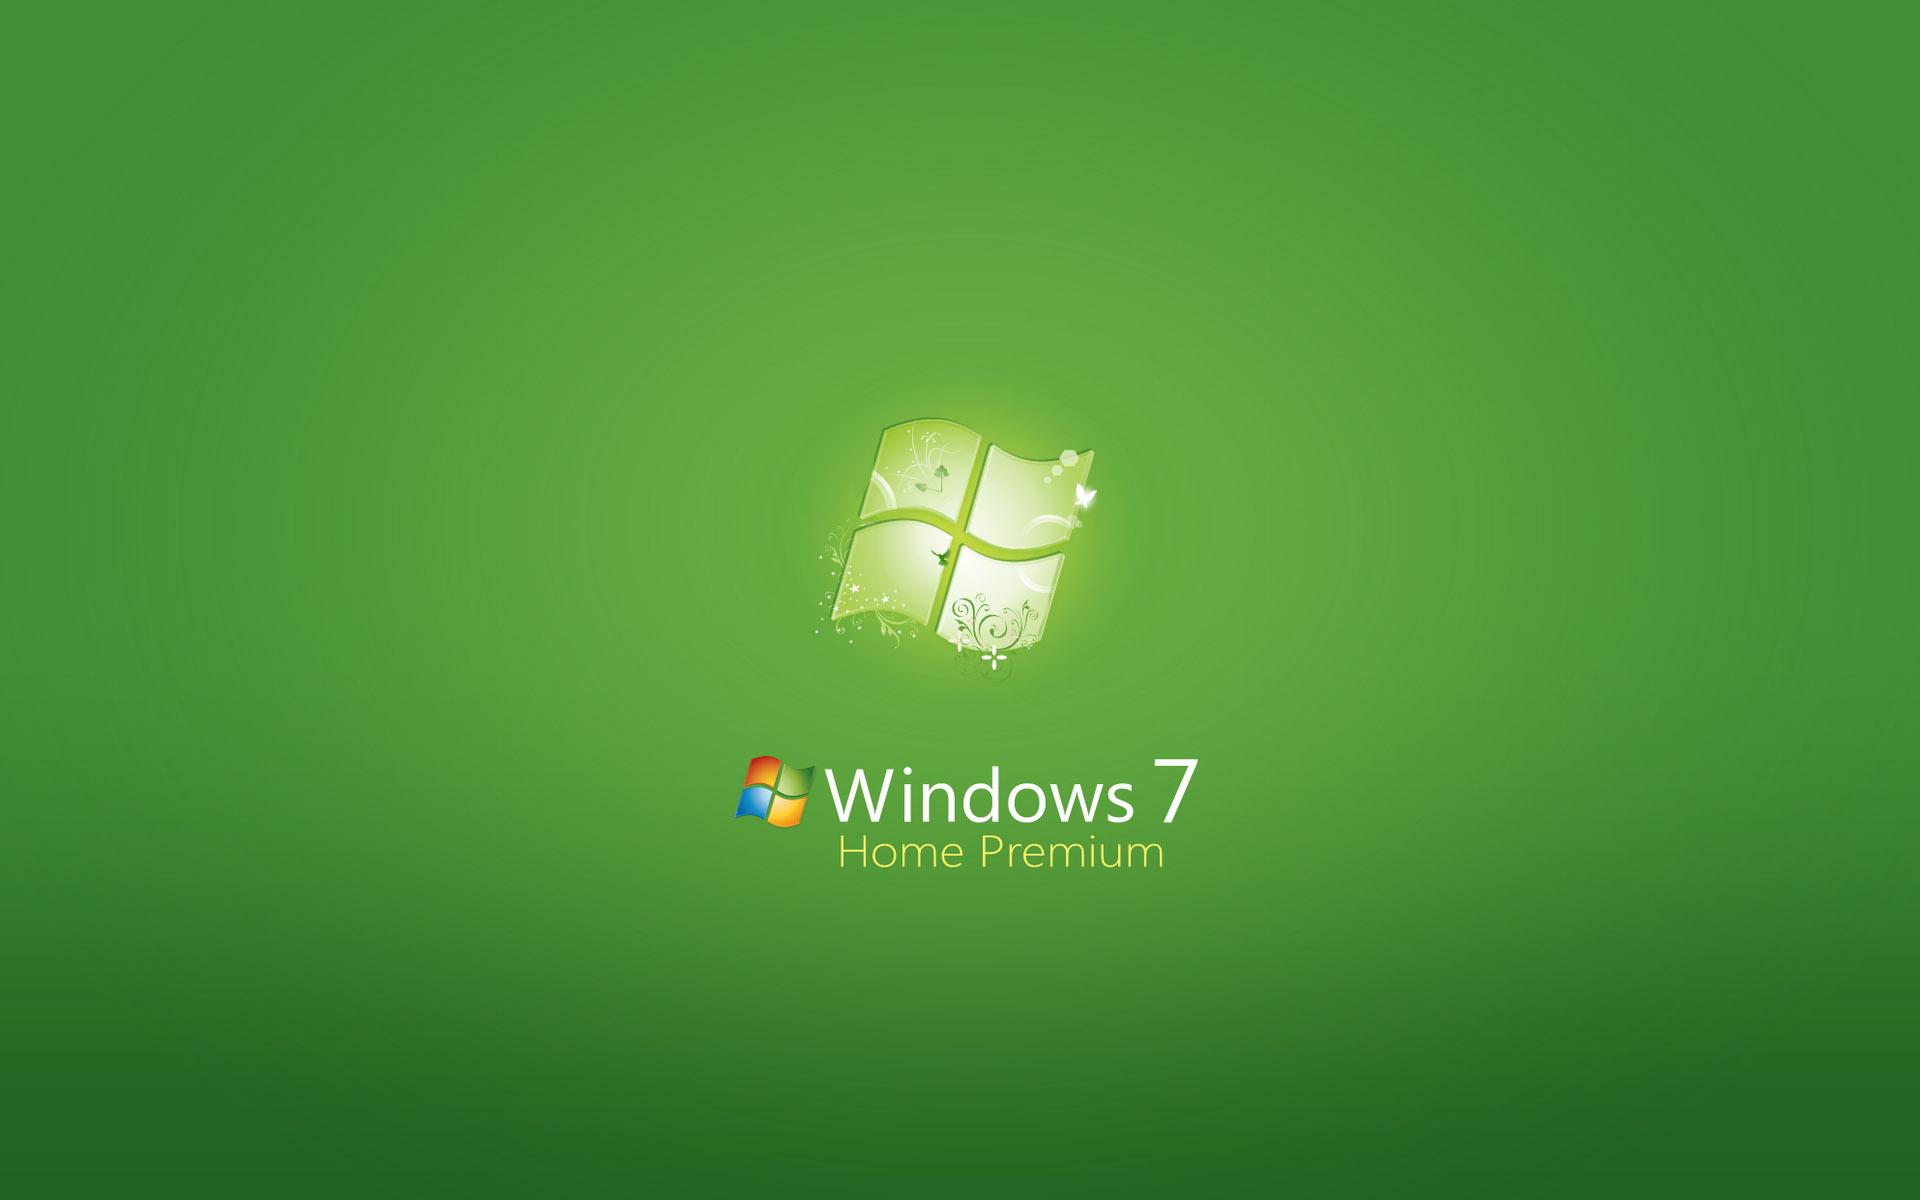 Windows 7 Home Premium Image